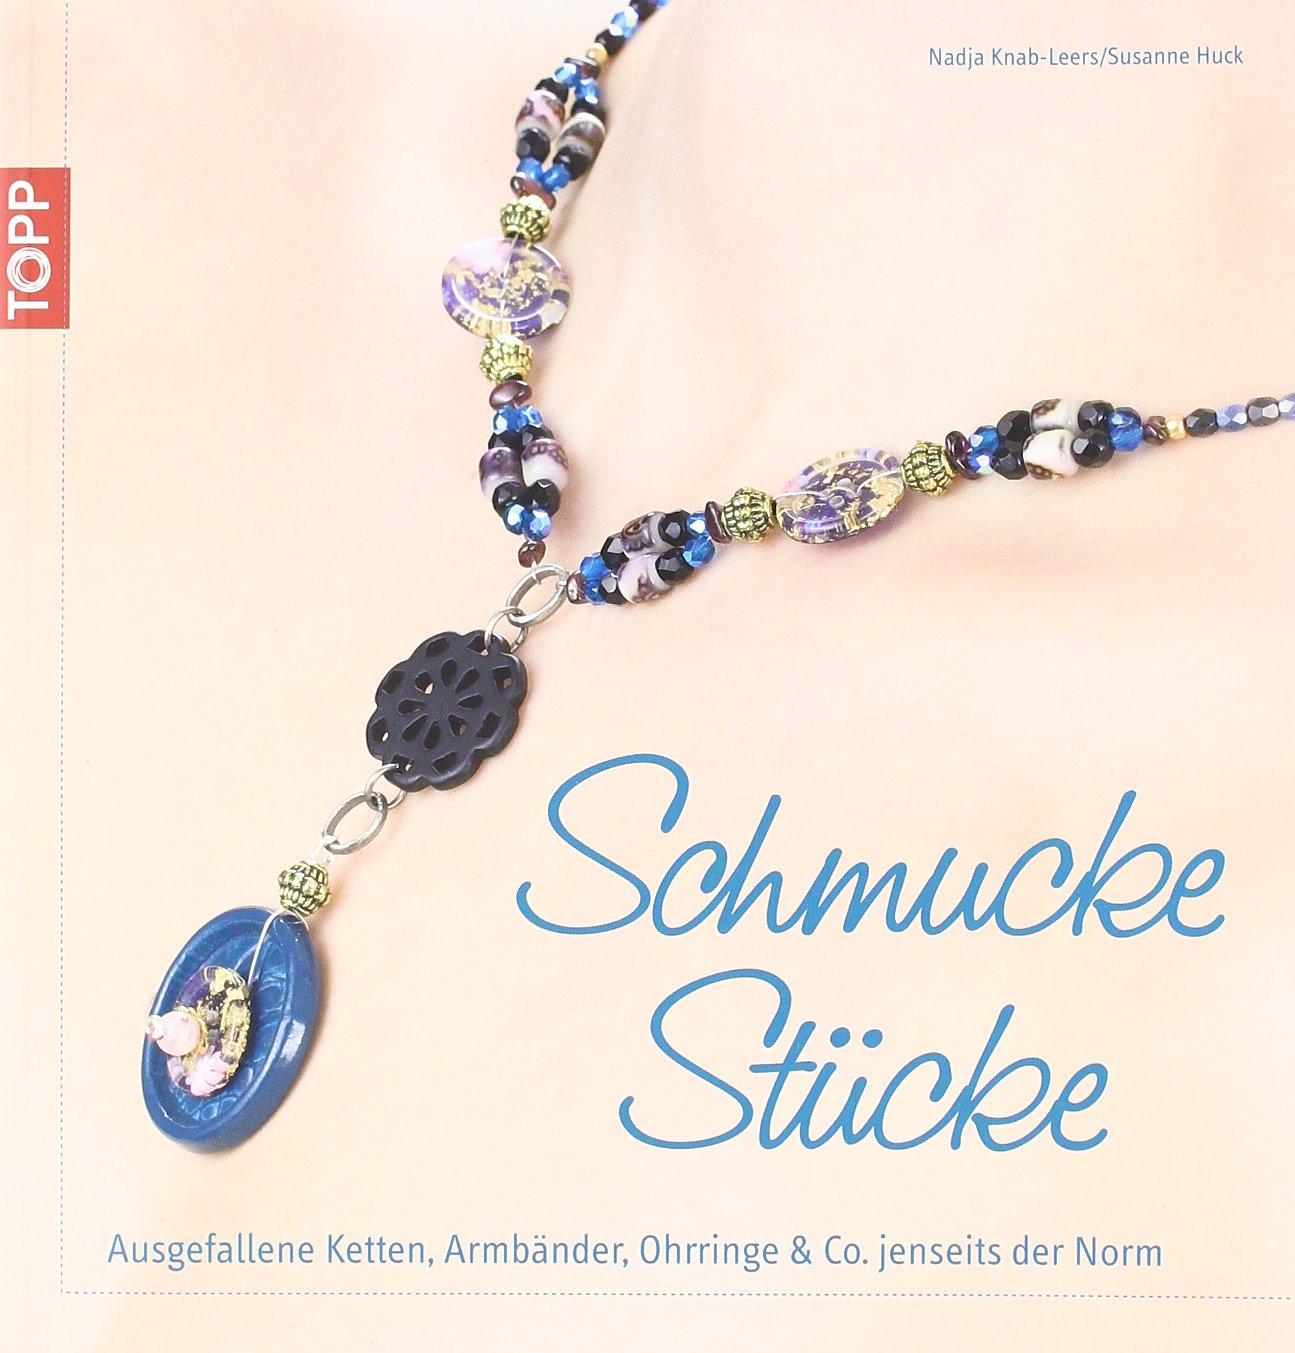 Schmuck Stücke: Ausgefallene Ketten, Armbänder, Ohrringe & Co. jenseits der Norm